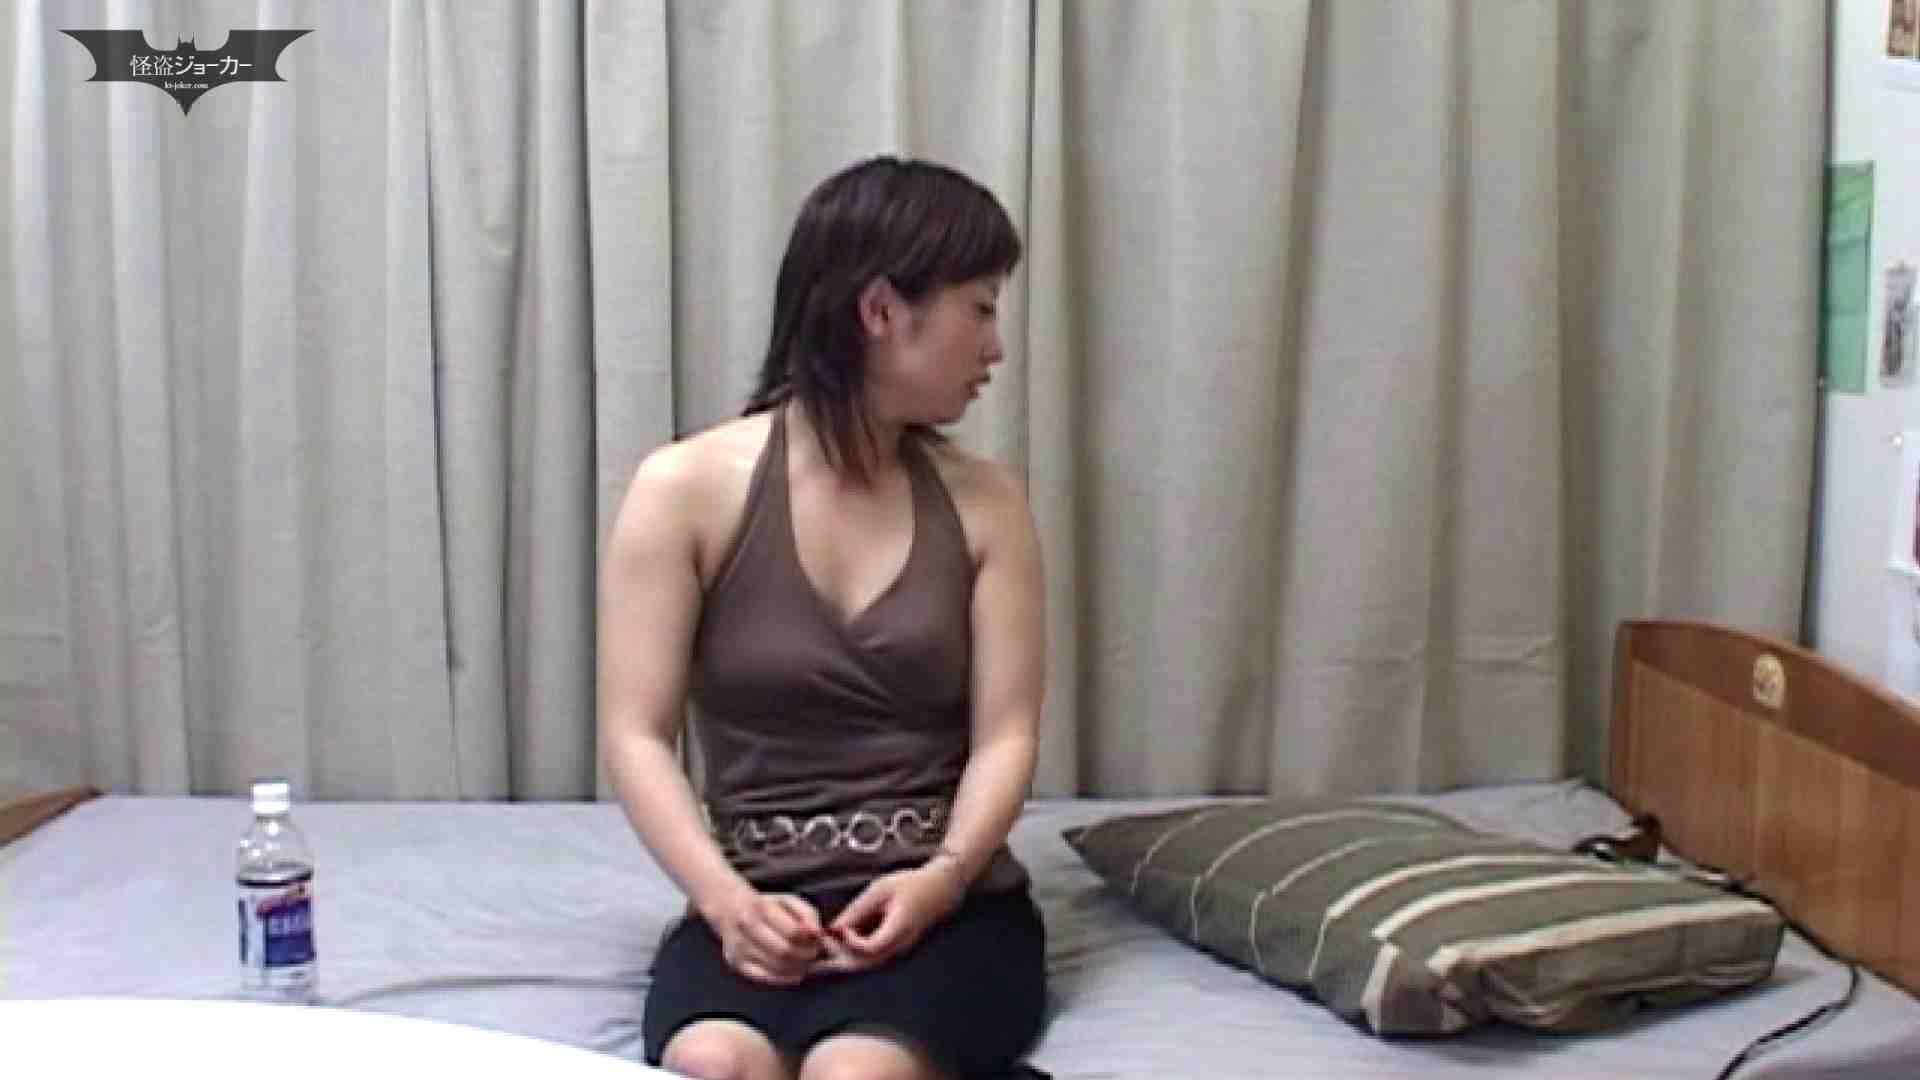 素人女良を部屋に連れ込み隠し撮りSEX!! その13  合コン潮吹き女良りの 美乳 ヌード画像 82枚 17